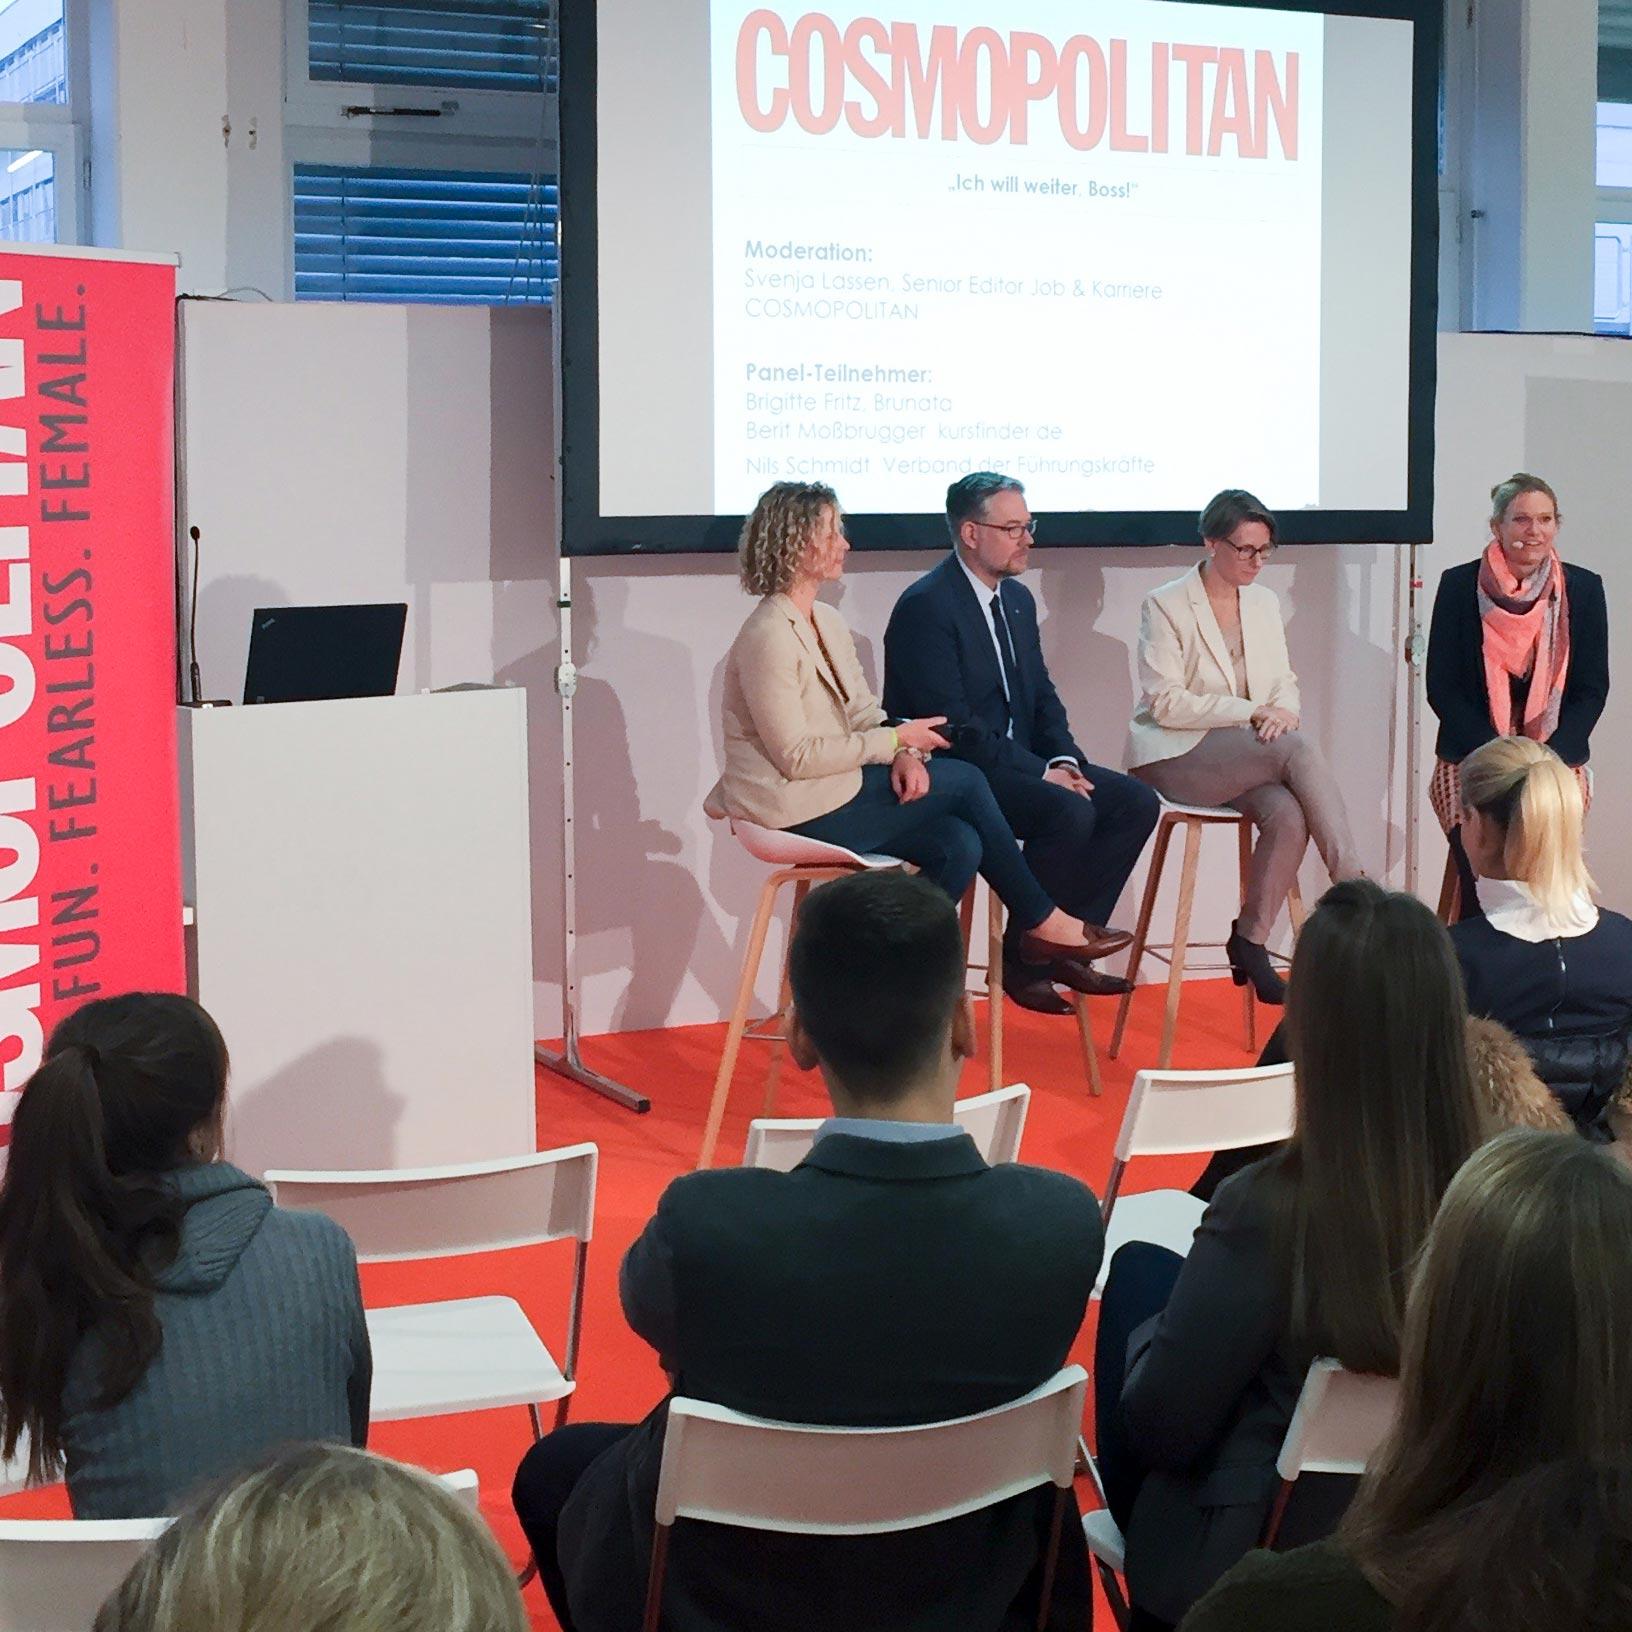 Vortragsbereich mit Speakern und Publikum